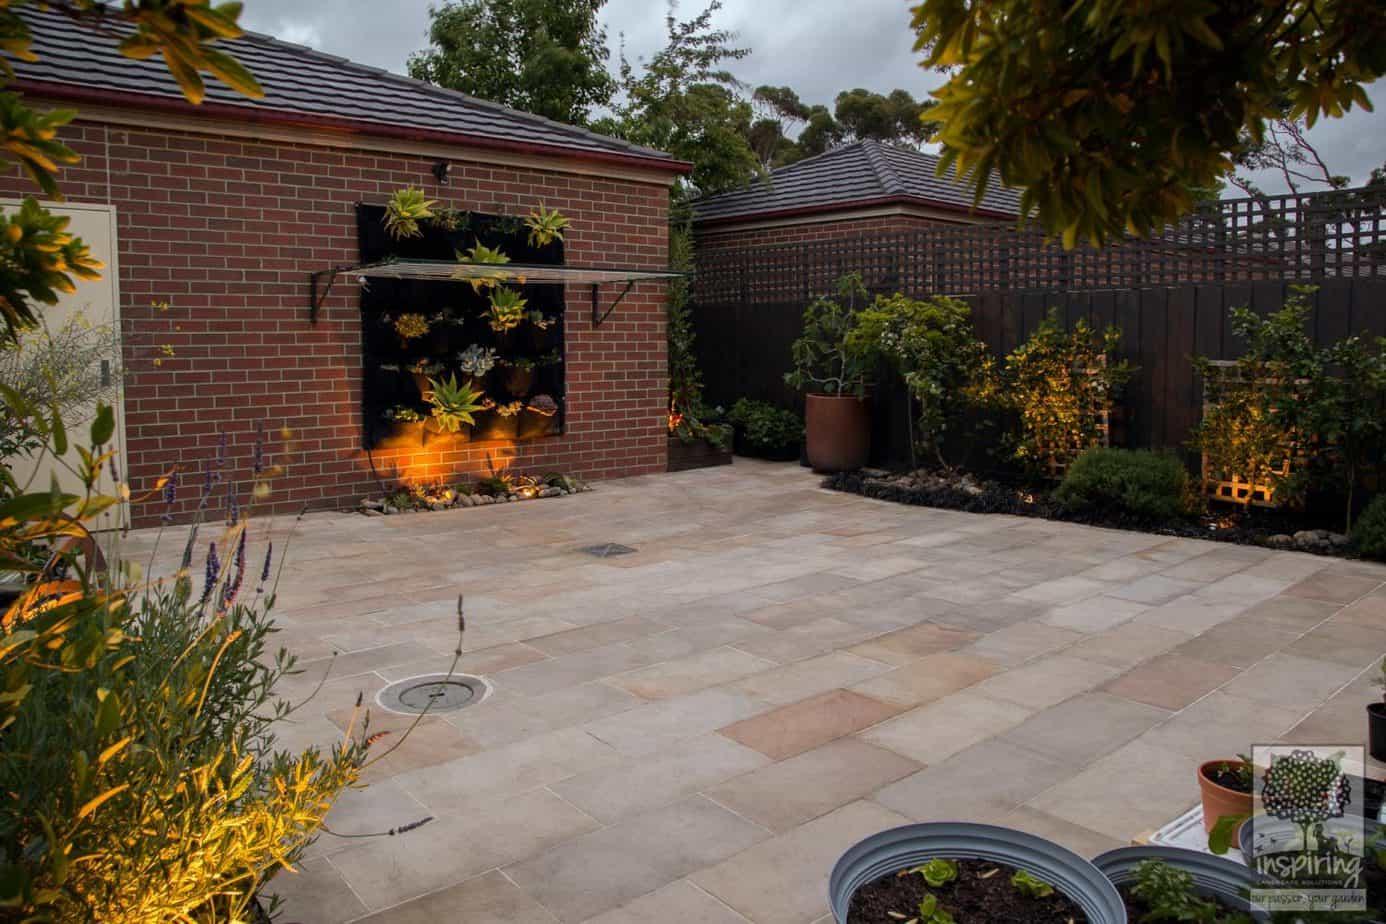 Bundoora courtyard garden design with sandstone paving lit at night